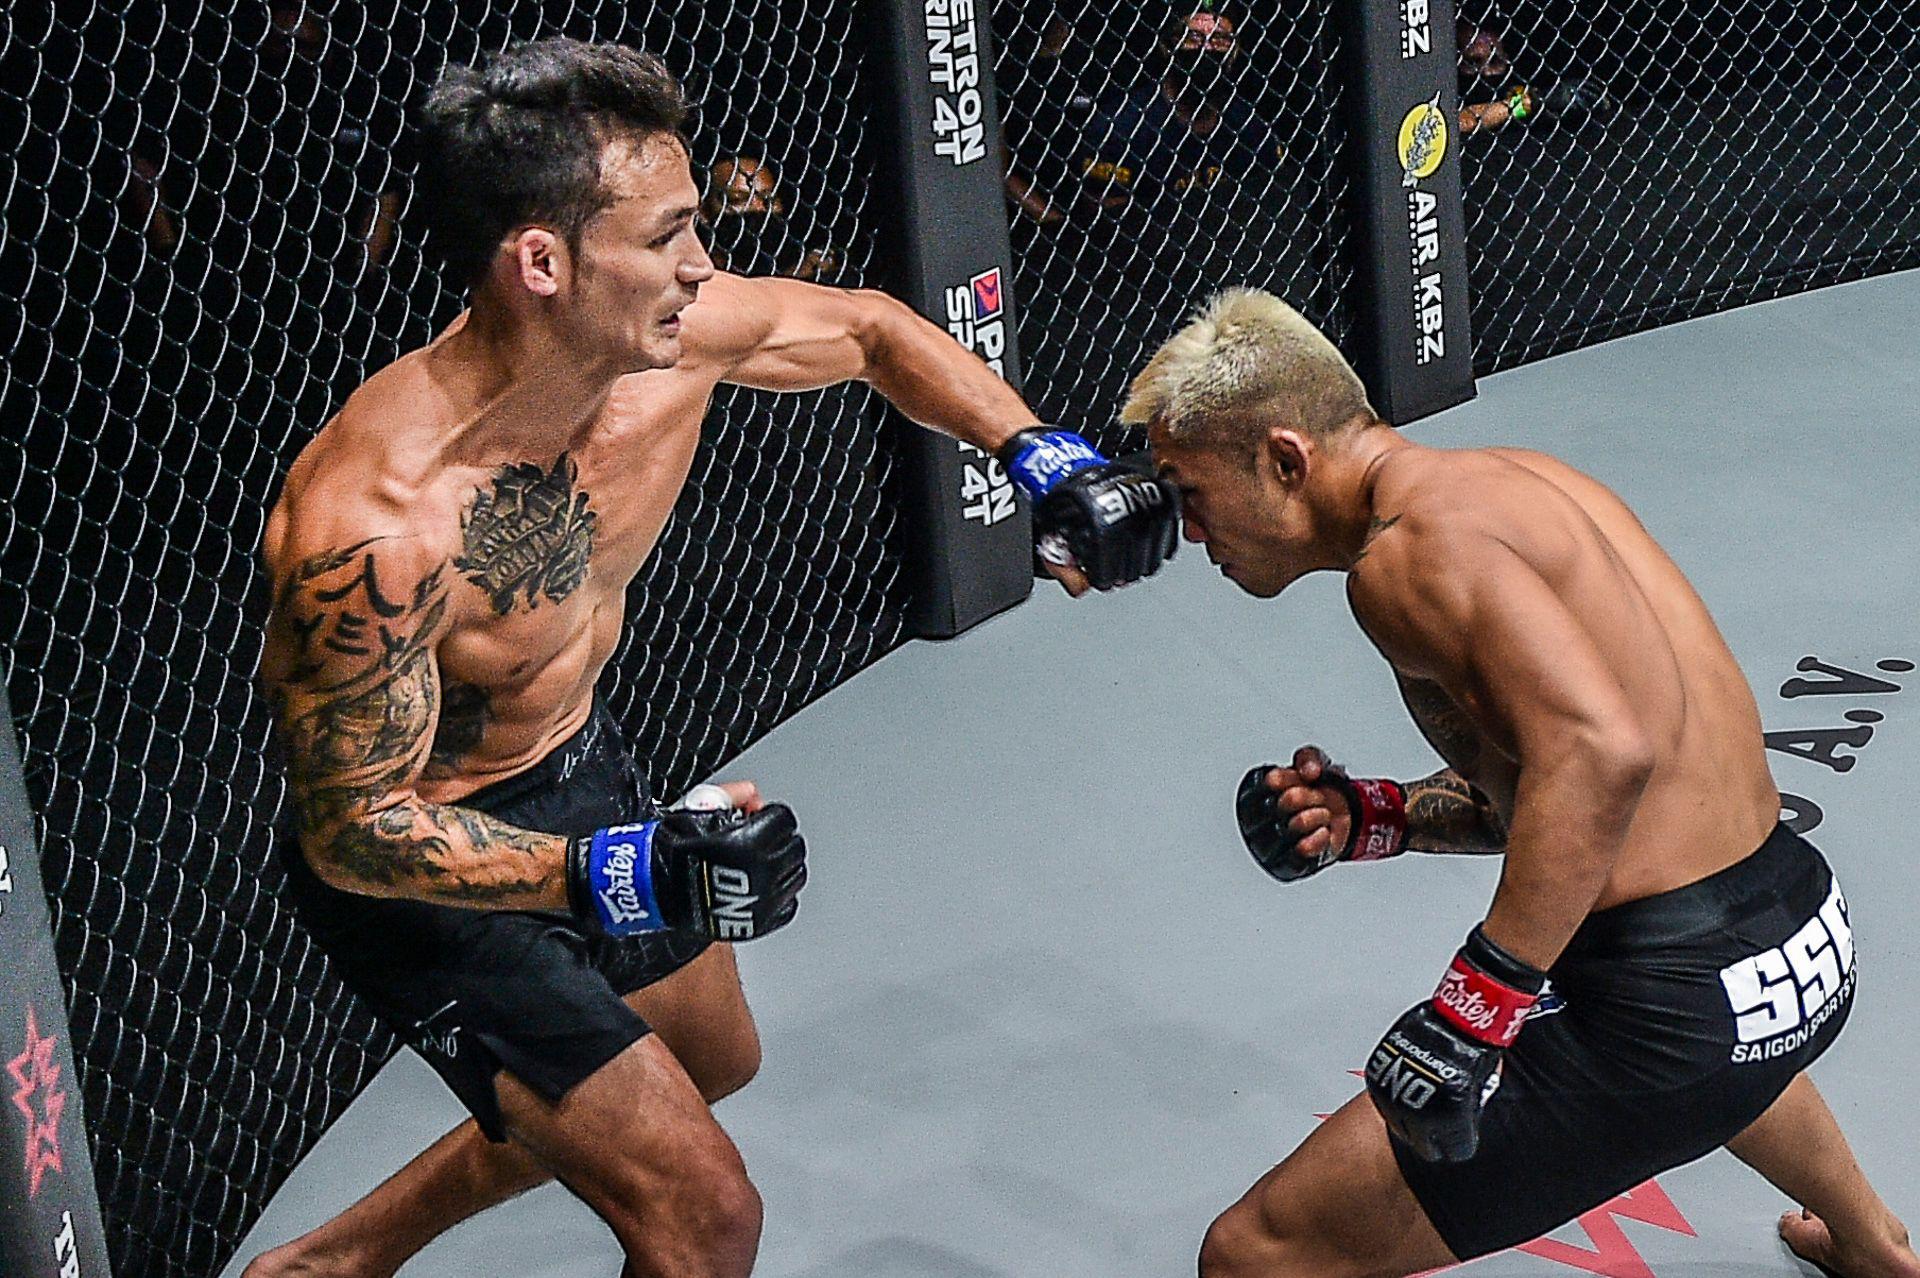 Chùm ảnh: Thành Lê hạ knock-out Martin Nguyễn, trở thành nhà vua mới tại hạng lông của ONE Championship - Ảnh 1.